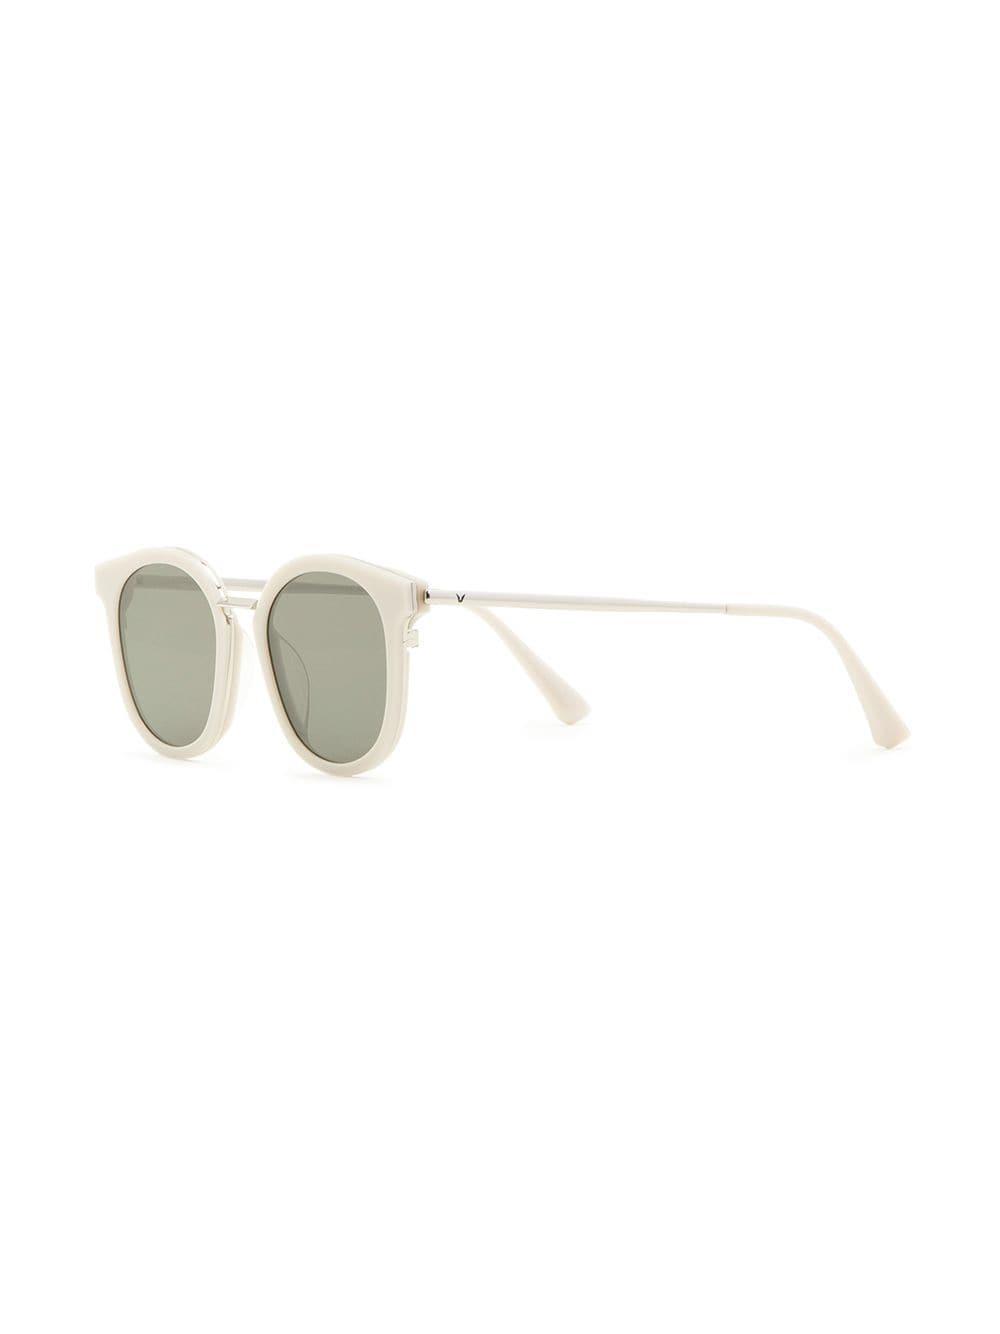 01ed434e64 Gentle Monster - White Dim G7 Sunglasses - Lyst. View fullscreen